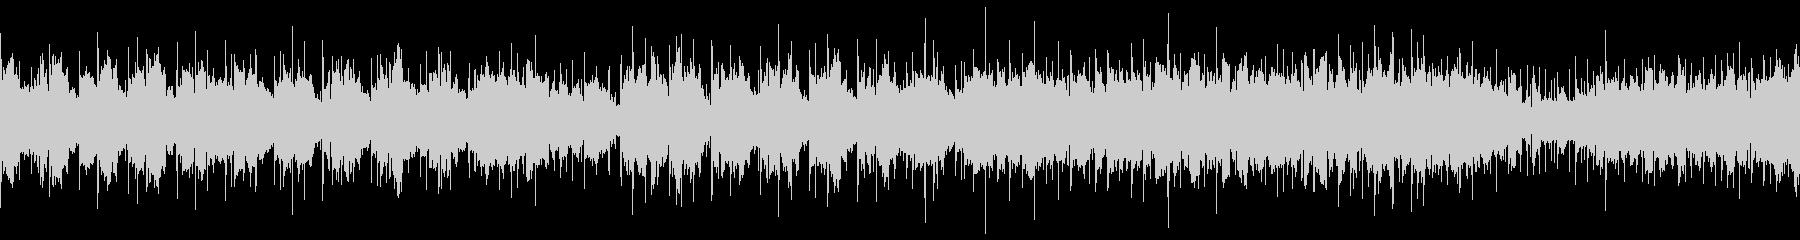 ダンジョン内部風 ホラーなピアノBGMの未再生の波形